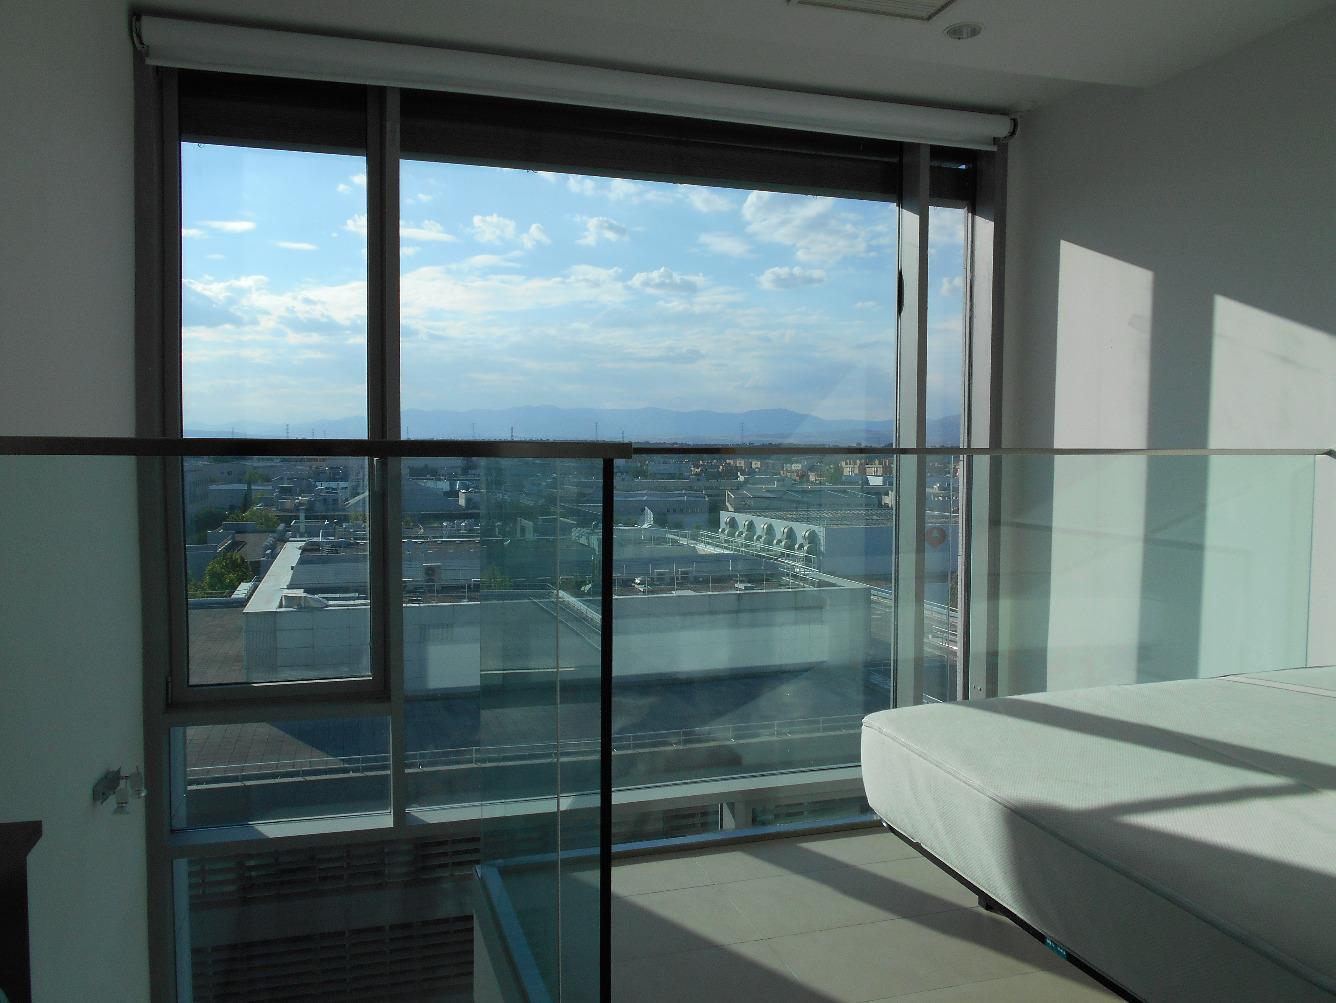 Pisos en alquiler loft amueblado de segunda mano en madrid - Alquiler pisos san sebastian de los reyes ...